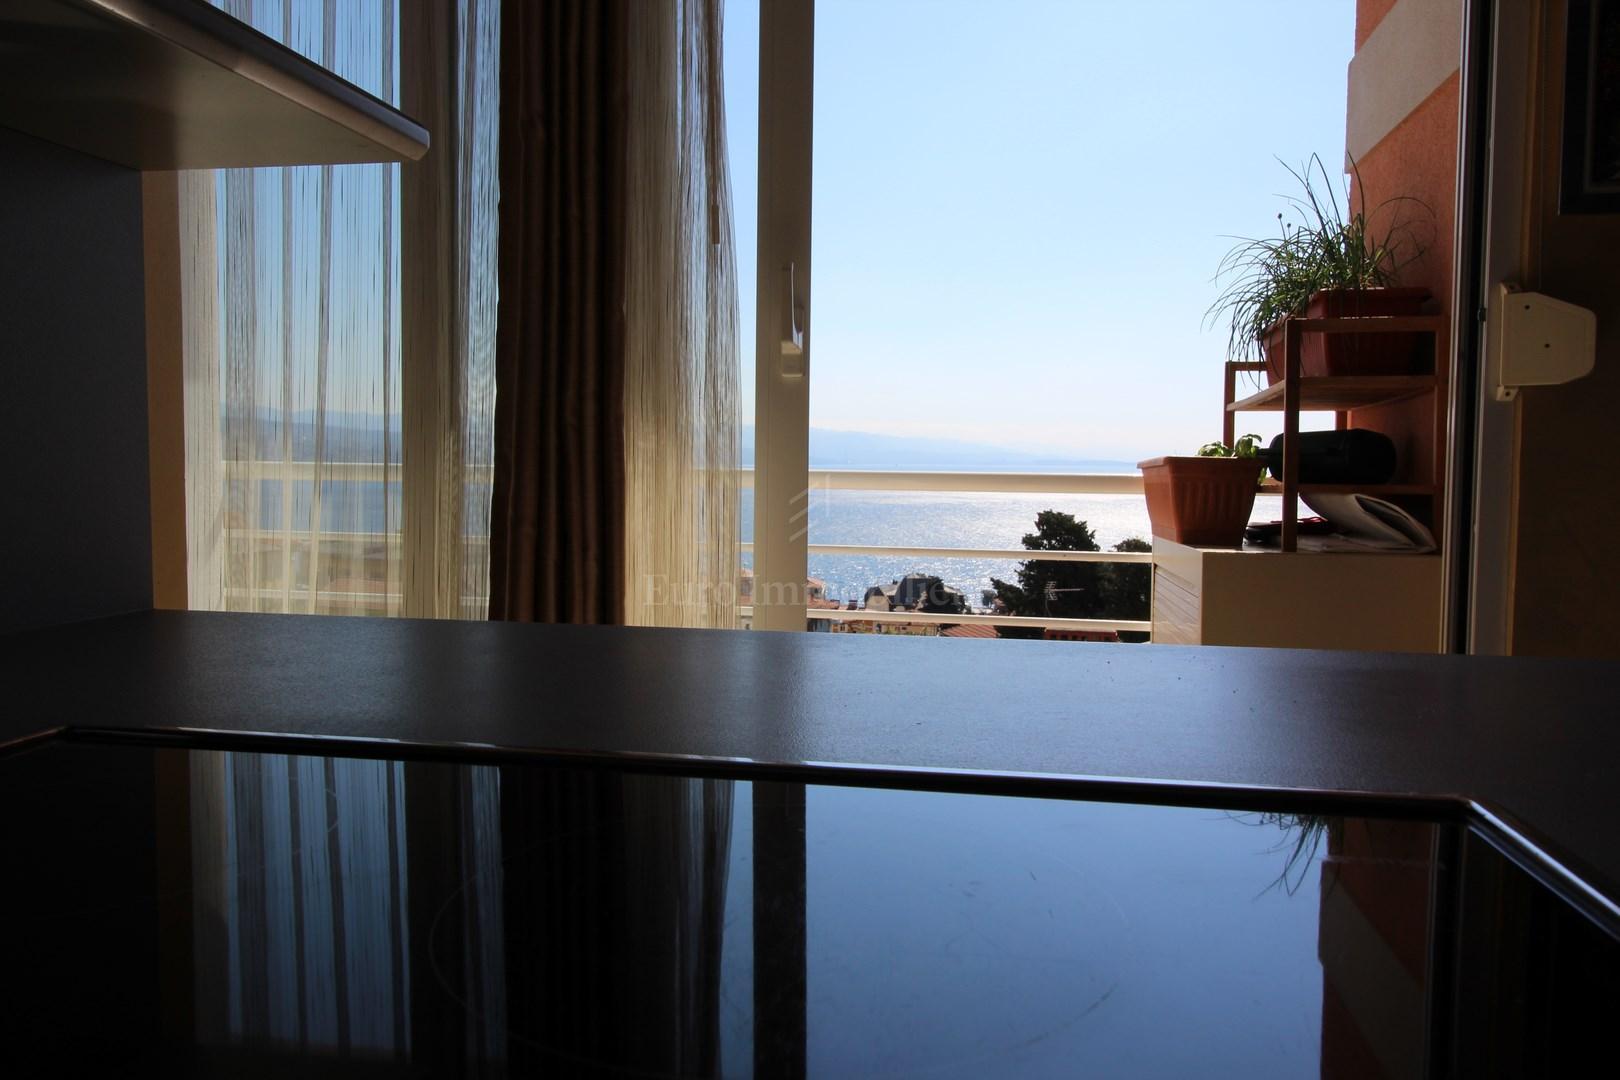 Luskuzan stan sa fantastičnim pogledom na more